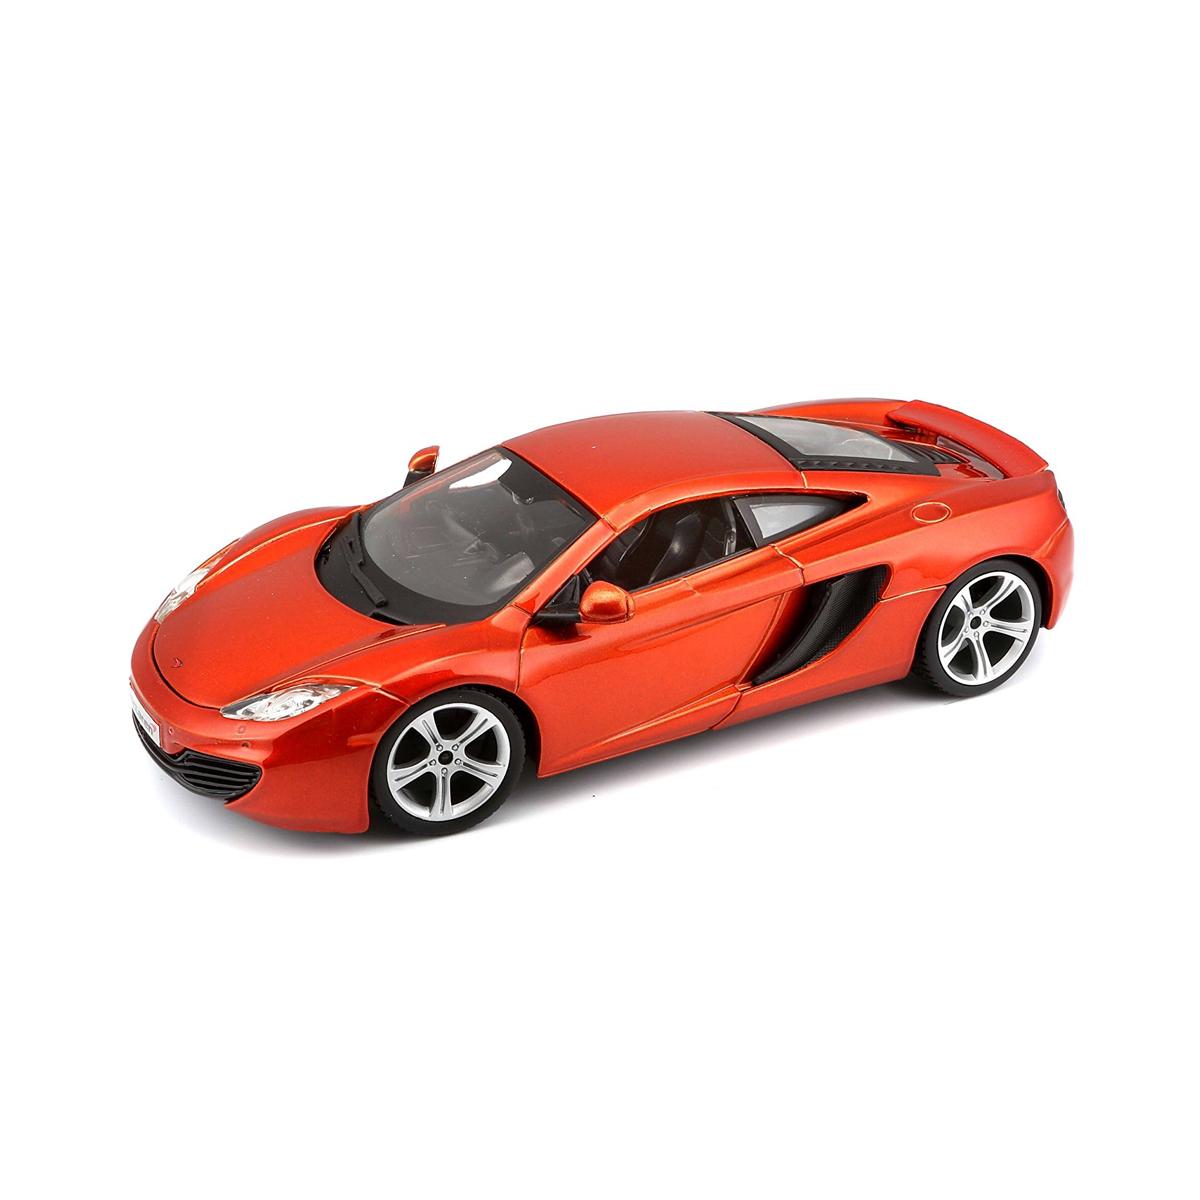 18-21074 Модельный автомобиль MCLAREN MP4-12C (металлический оранжевый, металлический желтый, 1:24)